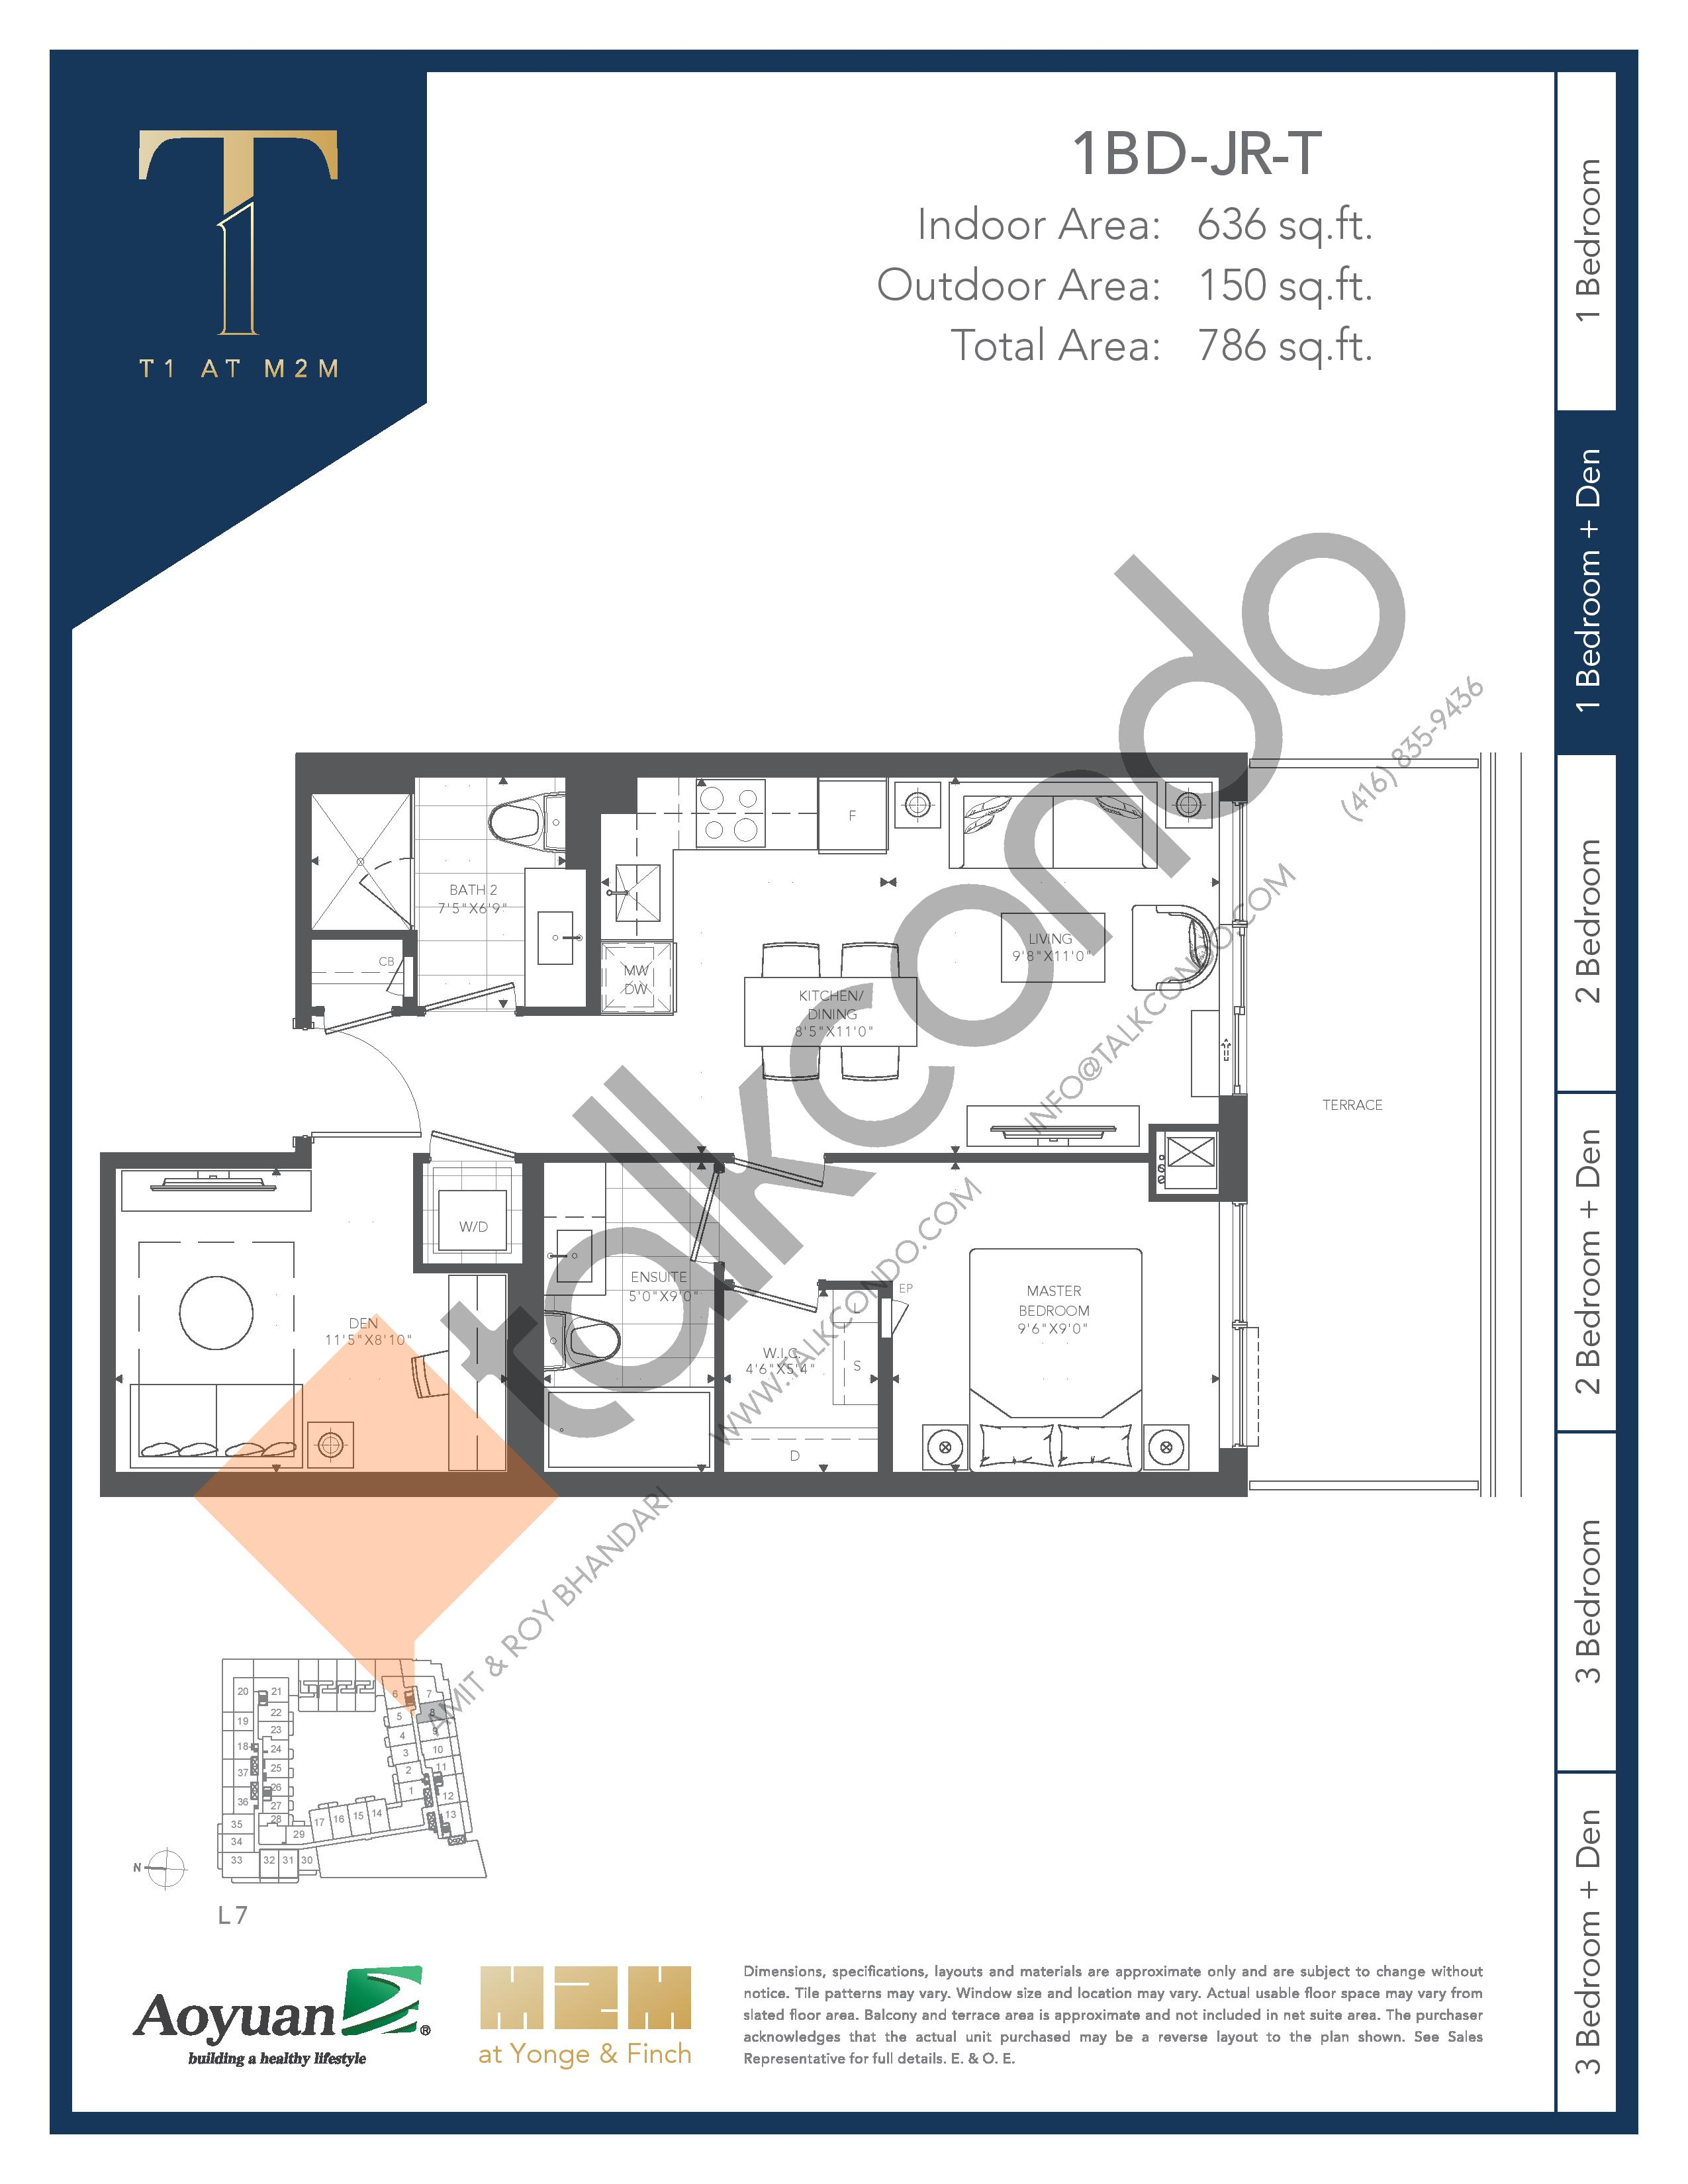 1BD-JR-T (Podium) Floor Plan at T1 at M2M Condos - 636 sq.ft